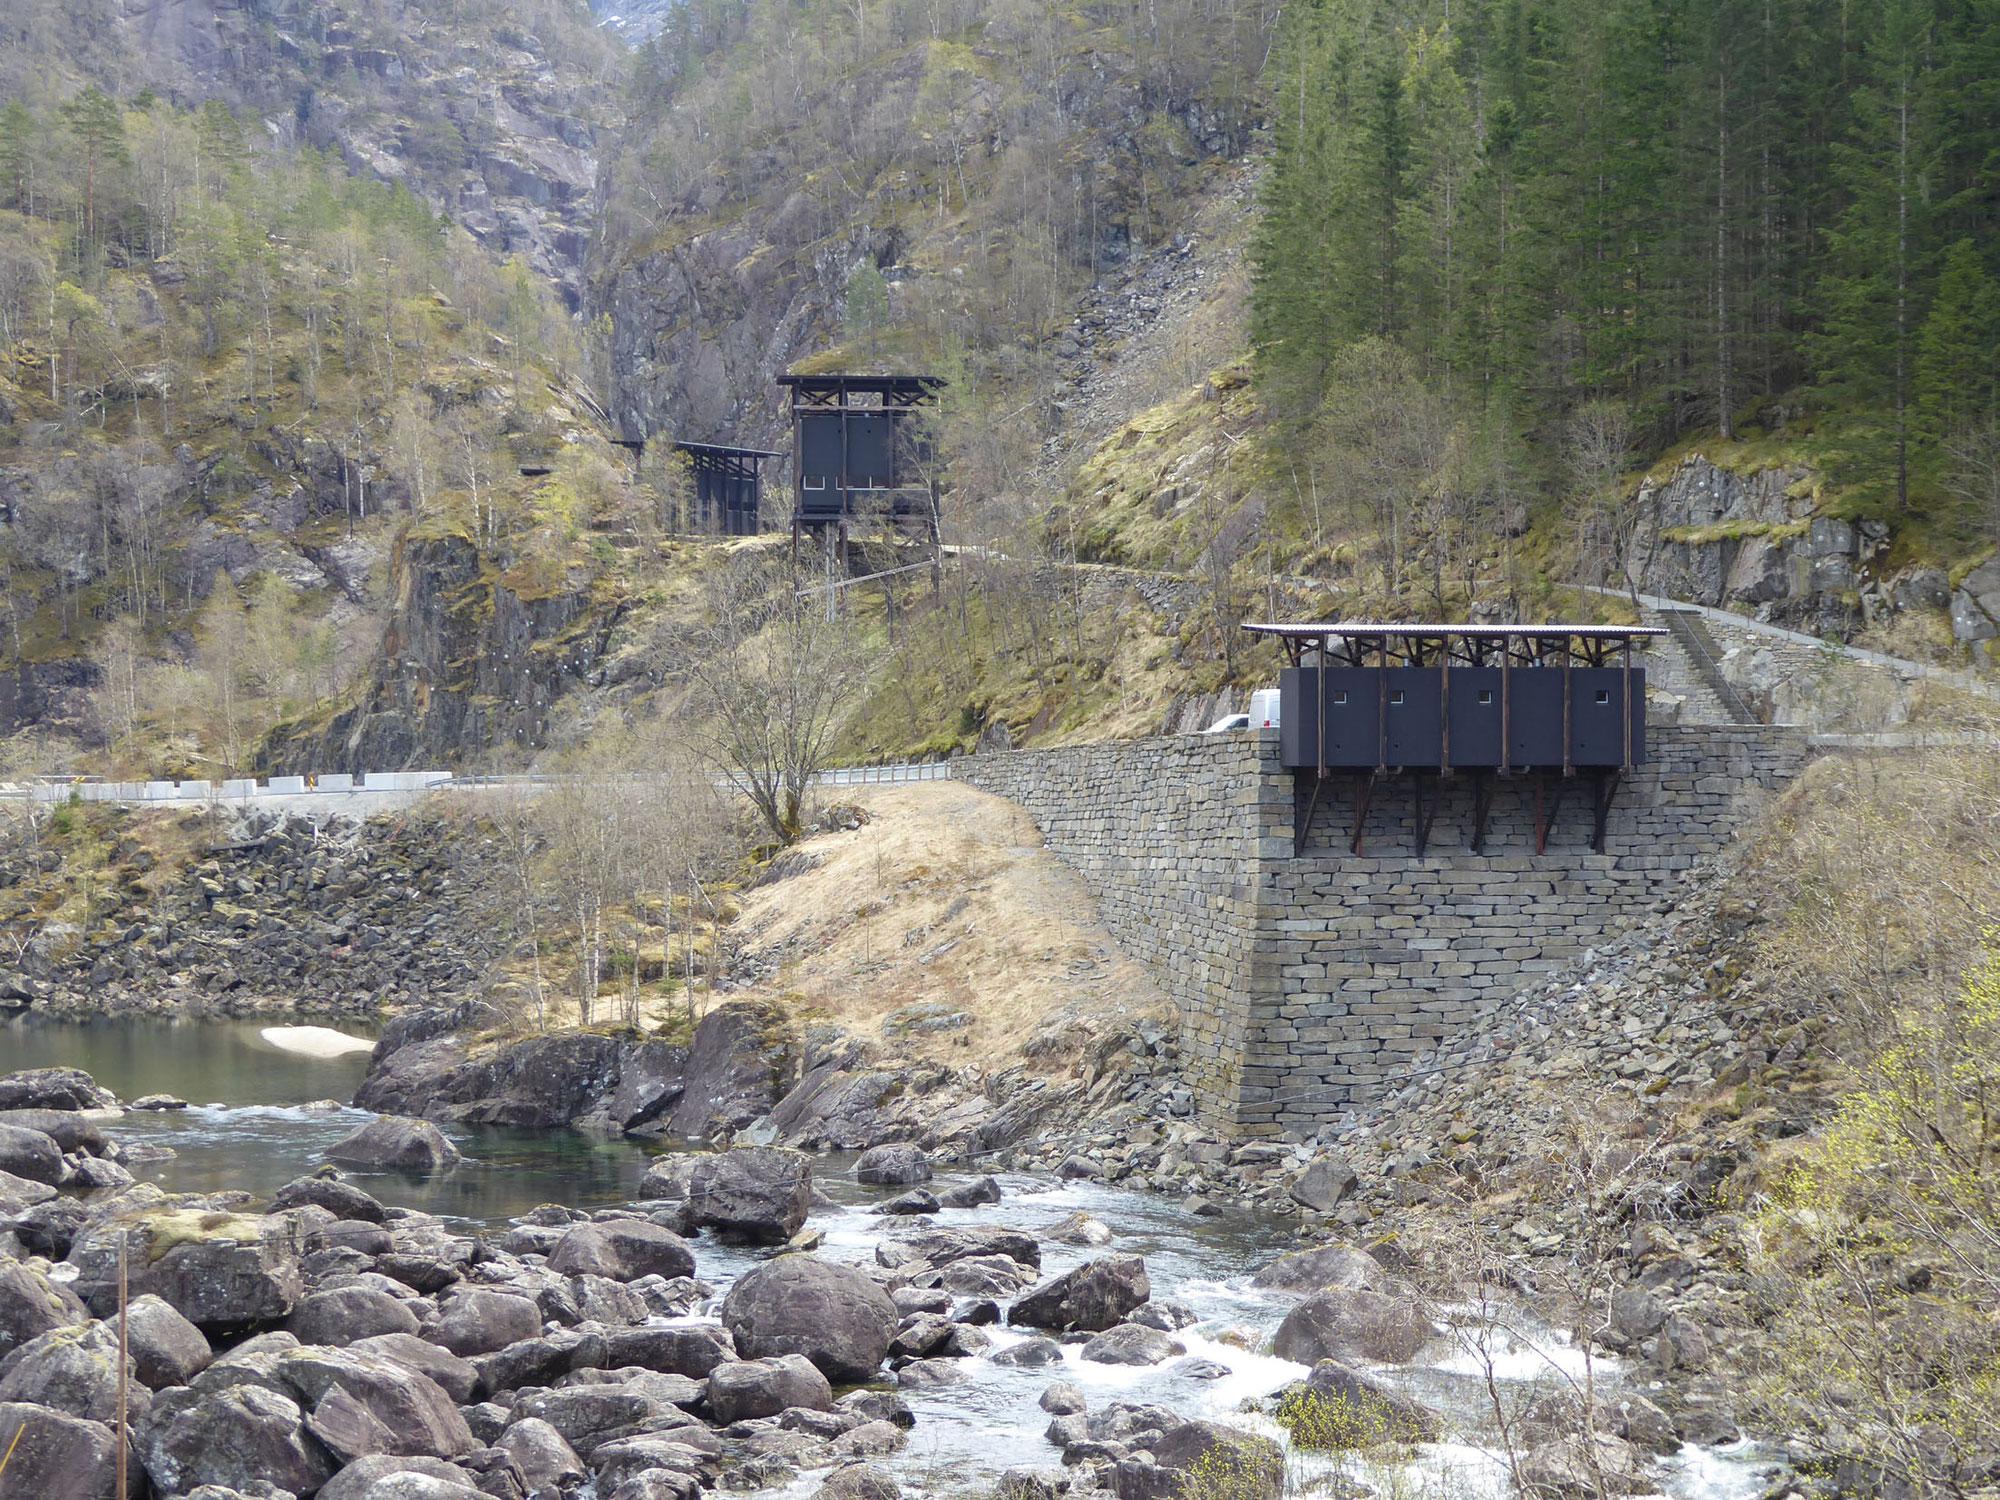 渓谷に静かに佇むアルマナユヴァ亜鉛鉱山博物館(ピーター・ズントー)